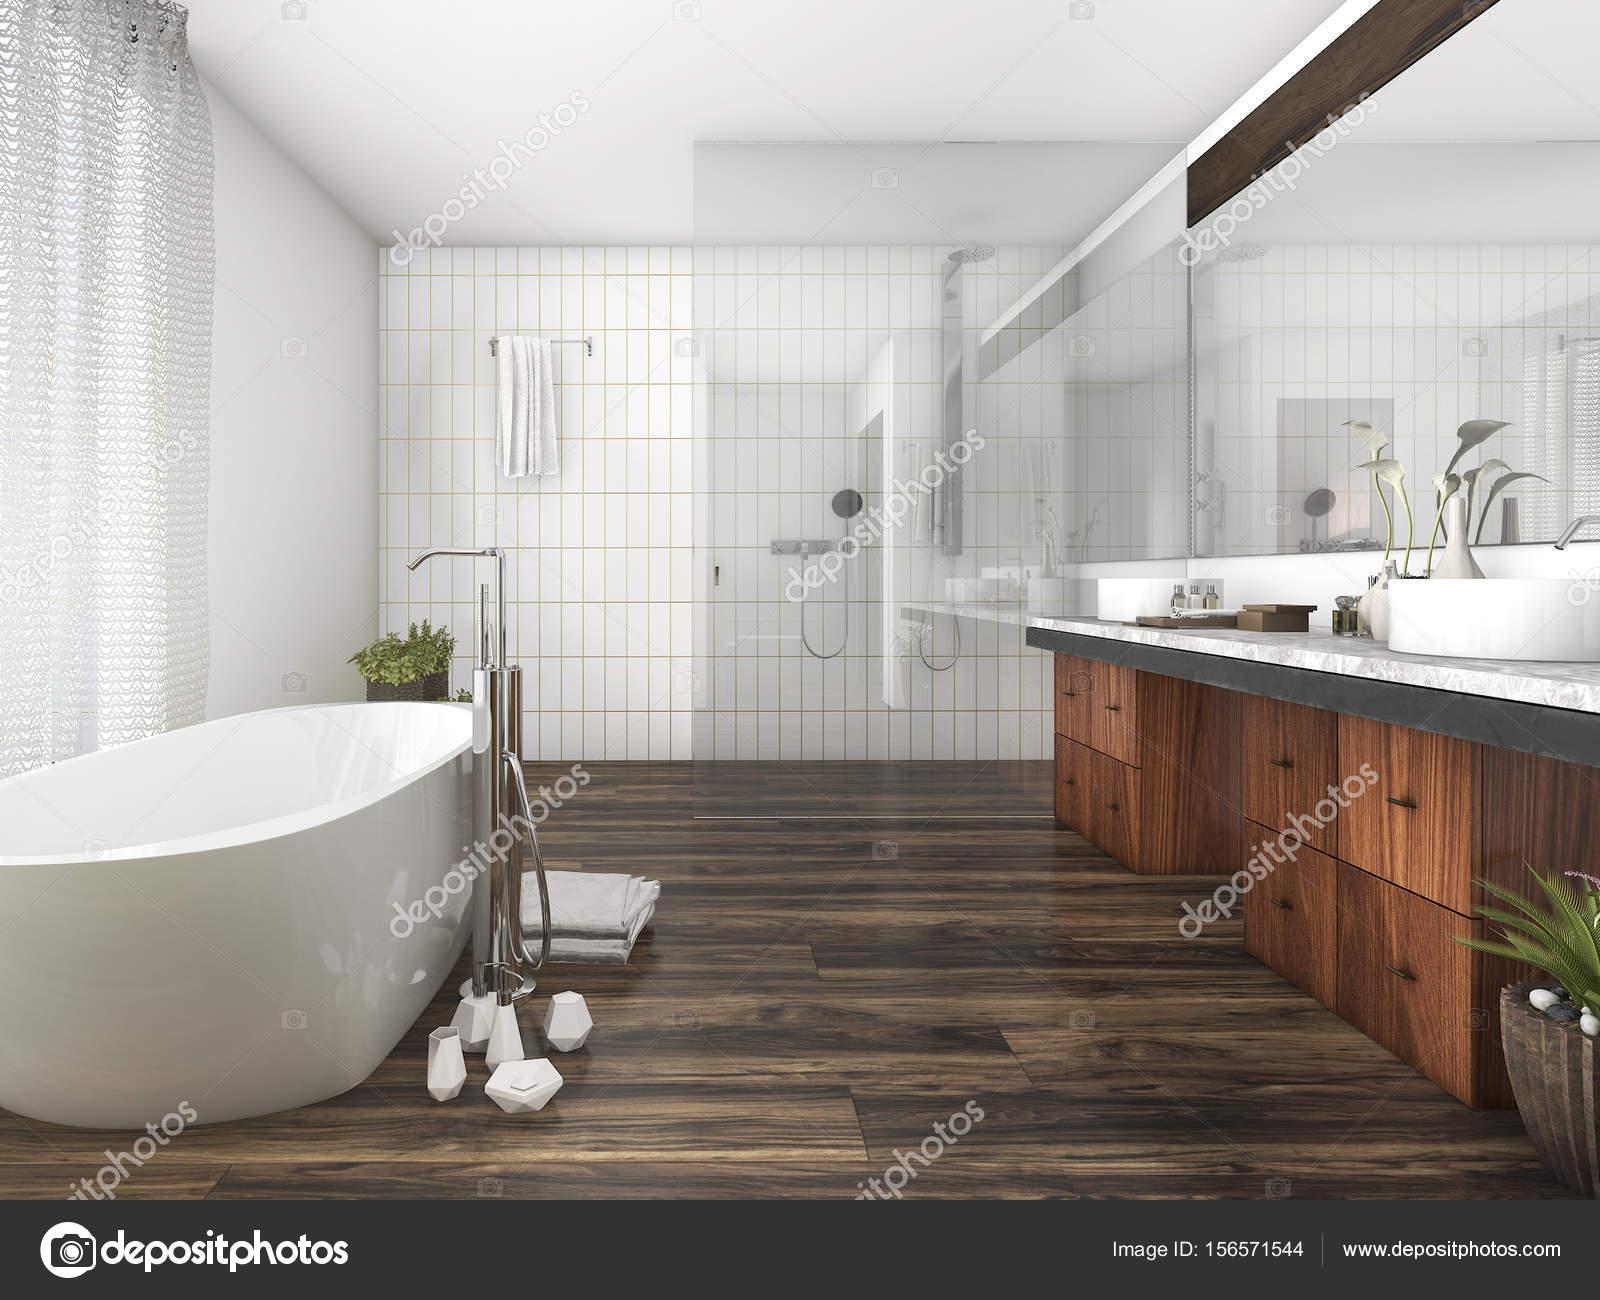 D rendering legno e piastrelle bagno vicino alla finestra una